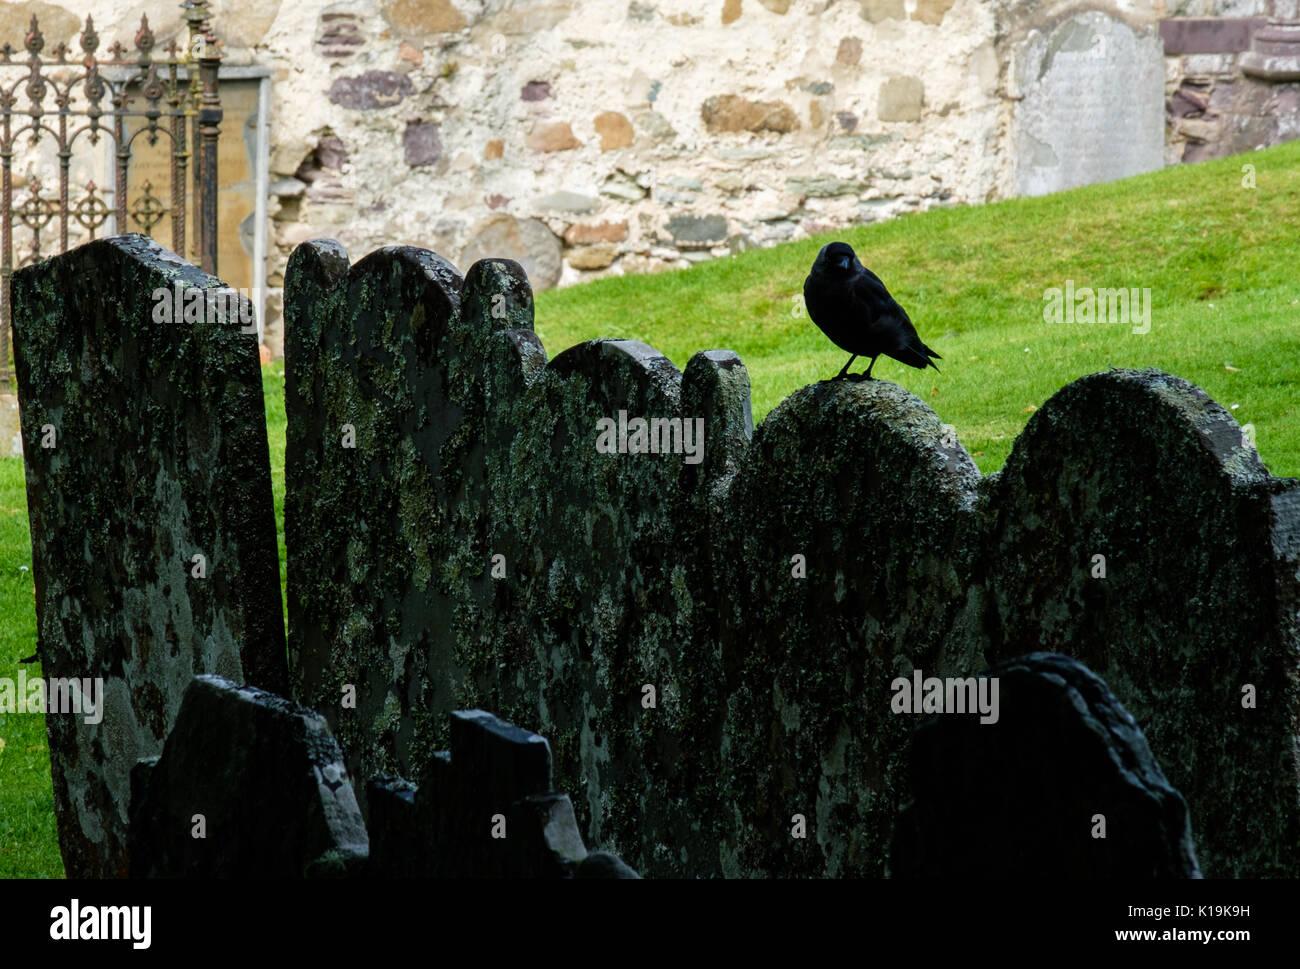 Dohle auf einem Grabstein in der St. David's Cathedral, St. David's Pembrokeshire, Wales, Großbritannien Stockbild